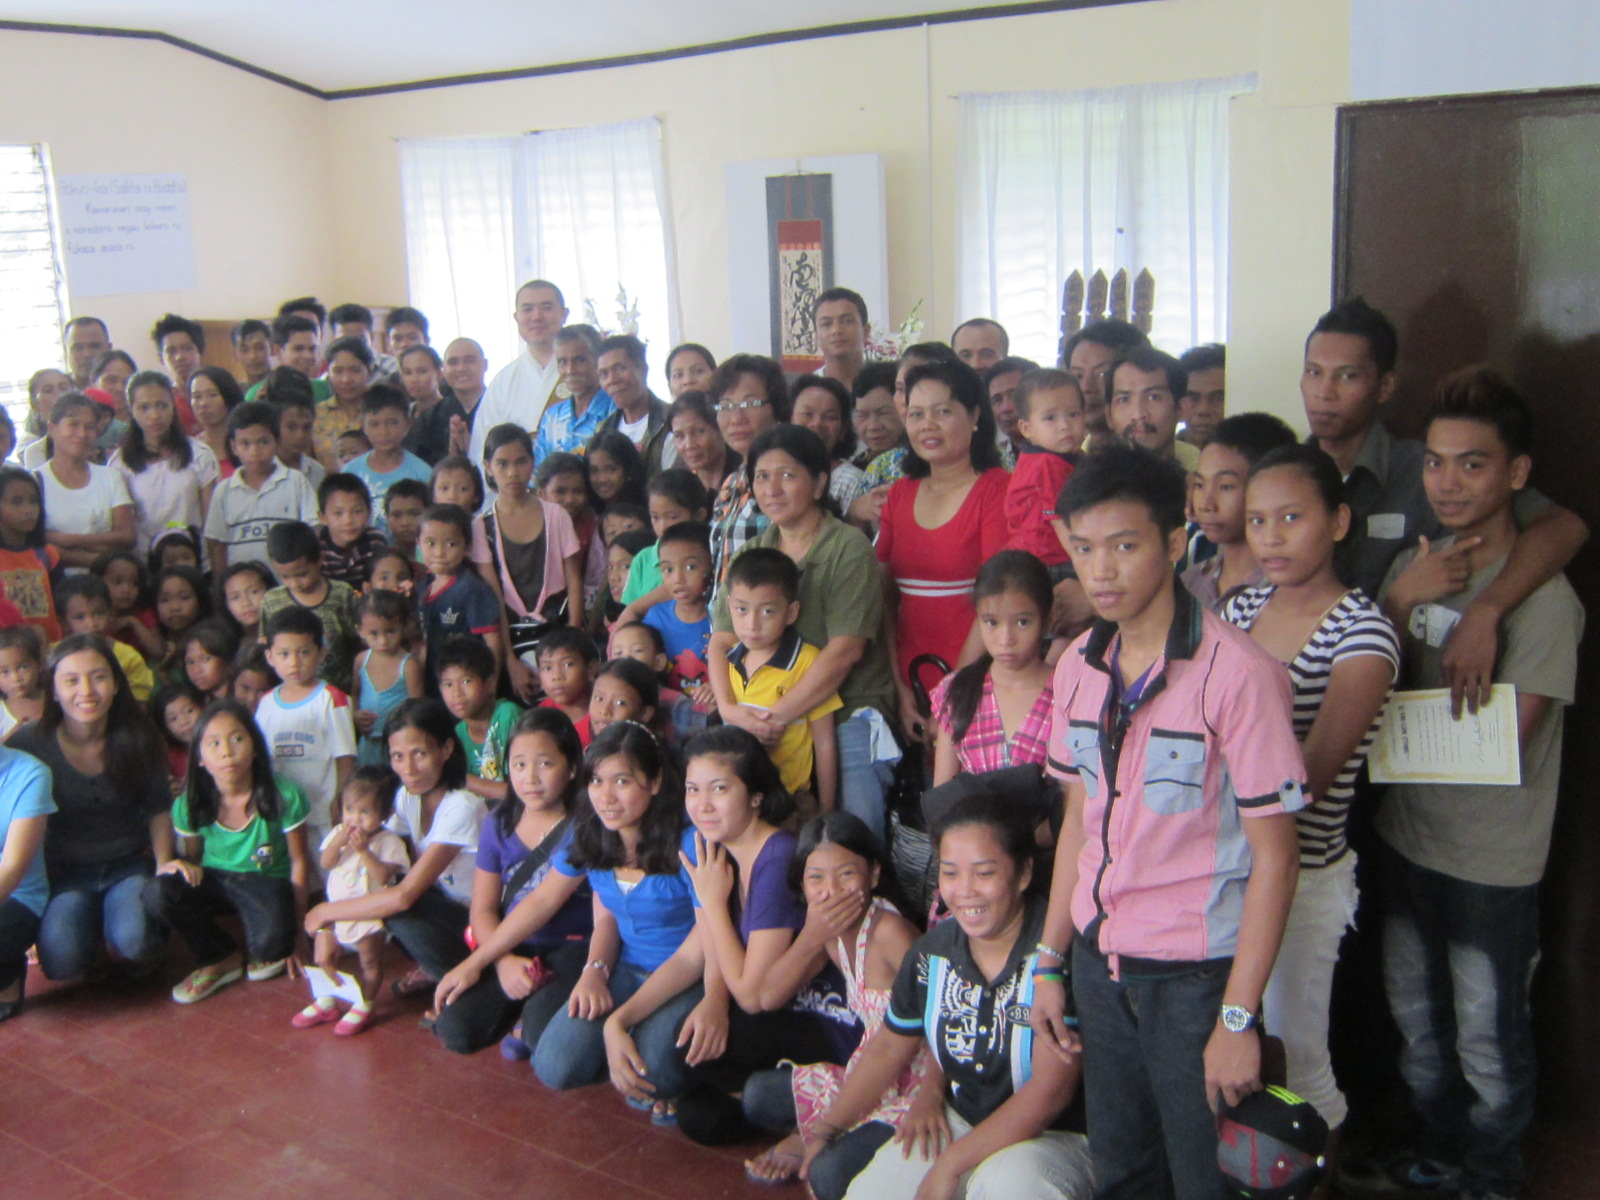 平成23年5月、フィリピン・ネグロス島にネグロス親会場が開場されました。